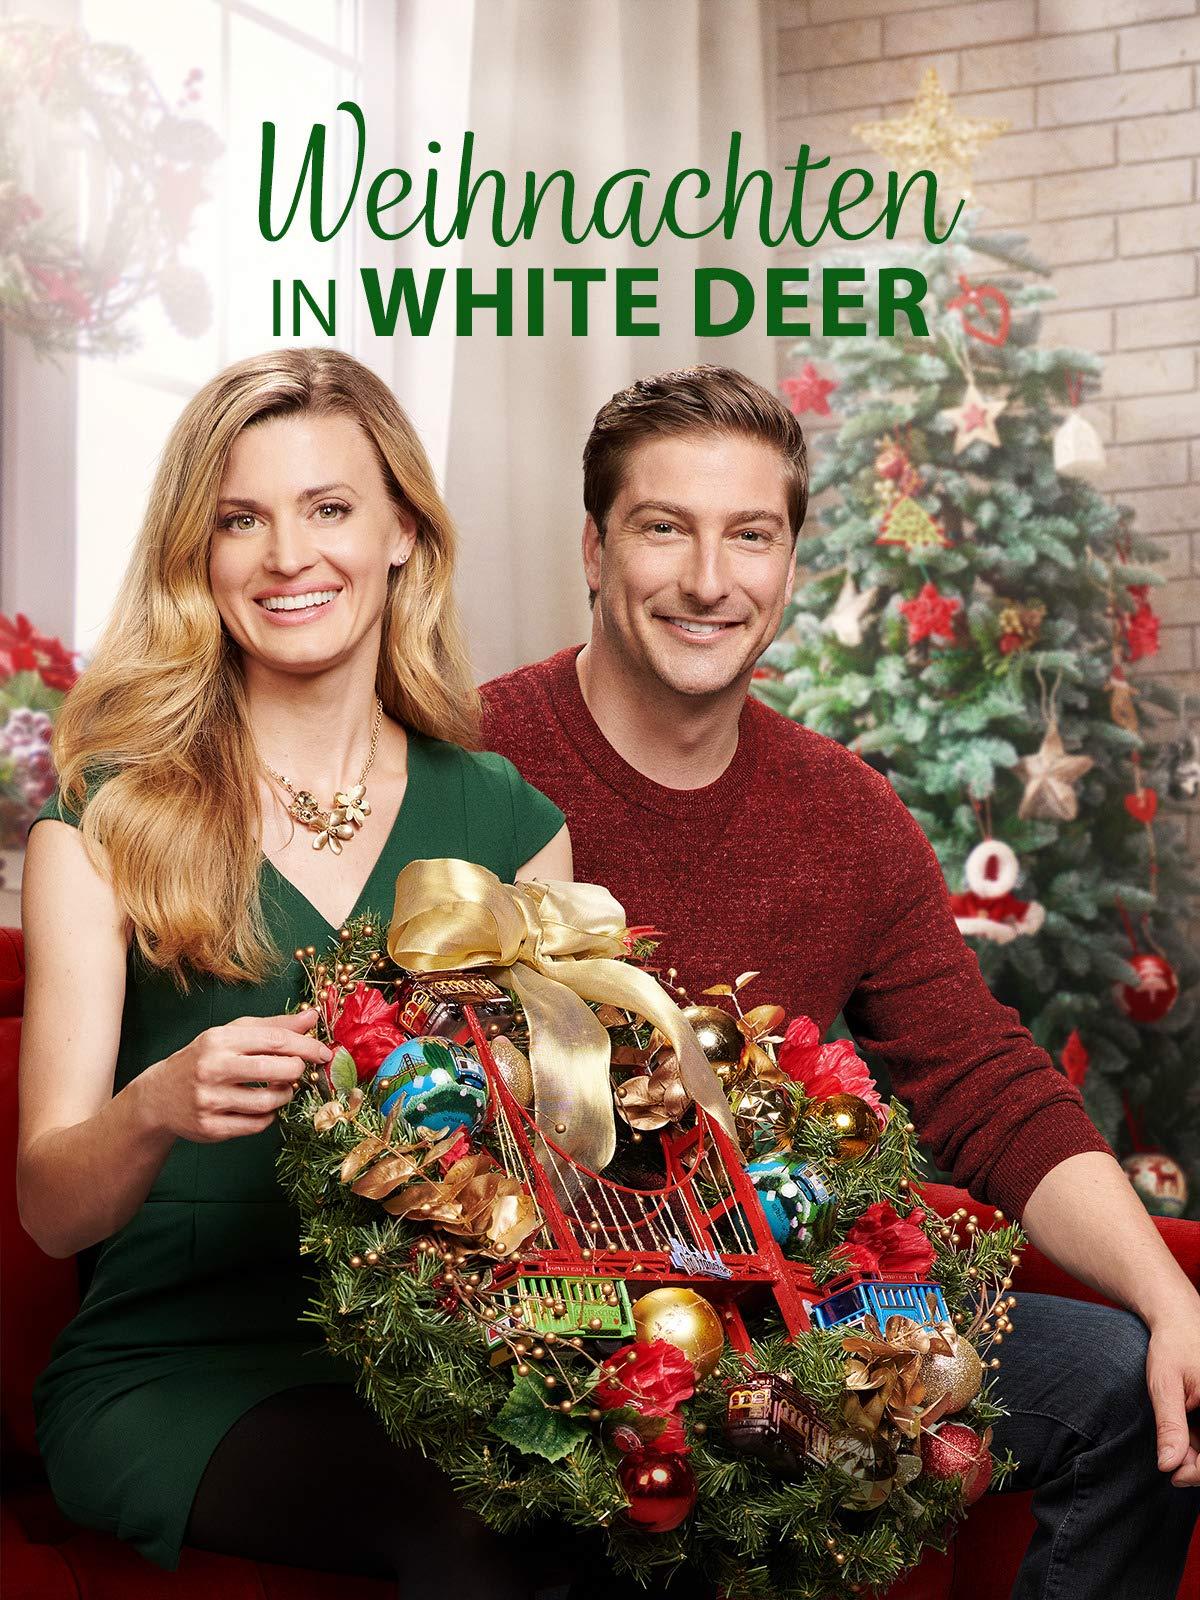 Filme Zu Weihnachten 2019.Amazon De Weihnachten In White Deer Ansehen Prime Video